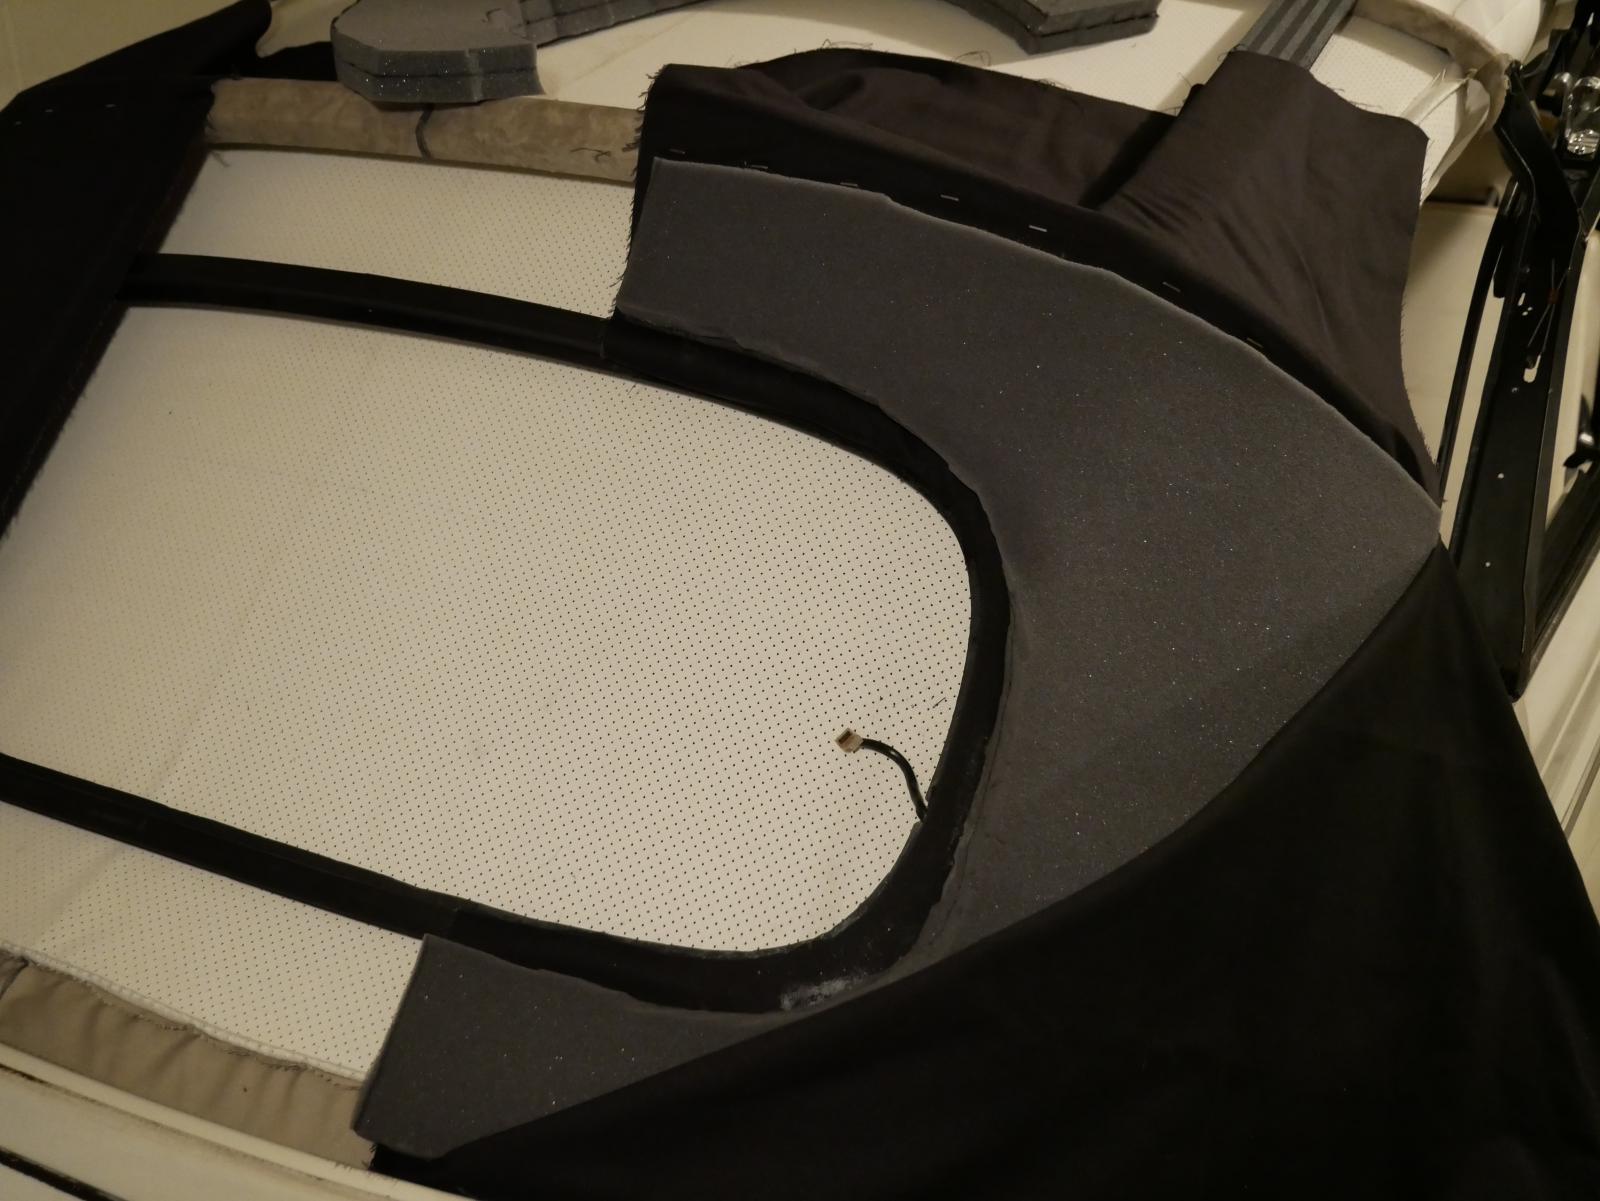 '79 Super Beetle convertible top quarter pad install